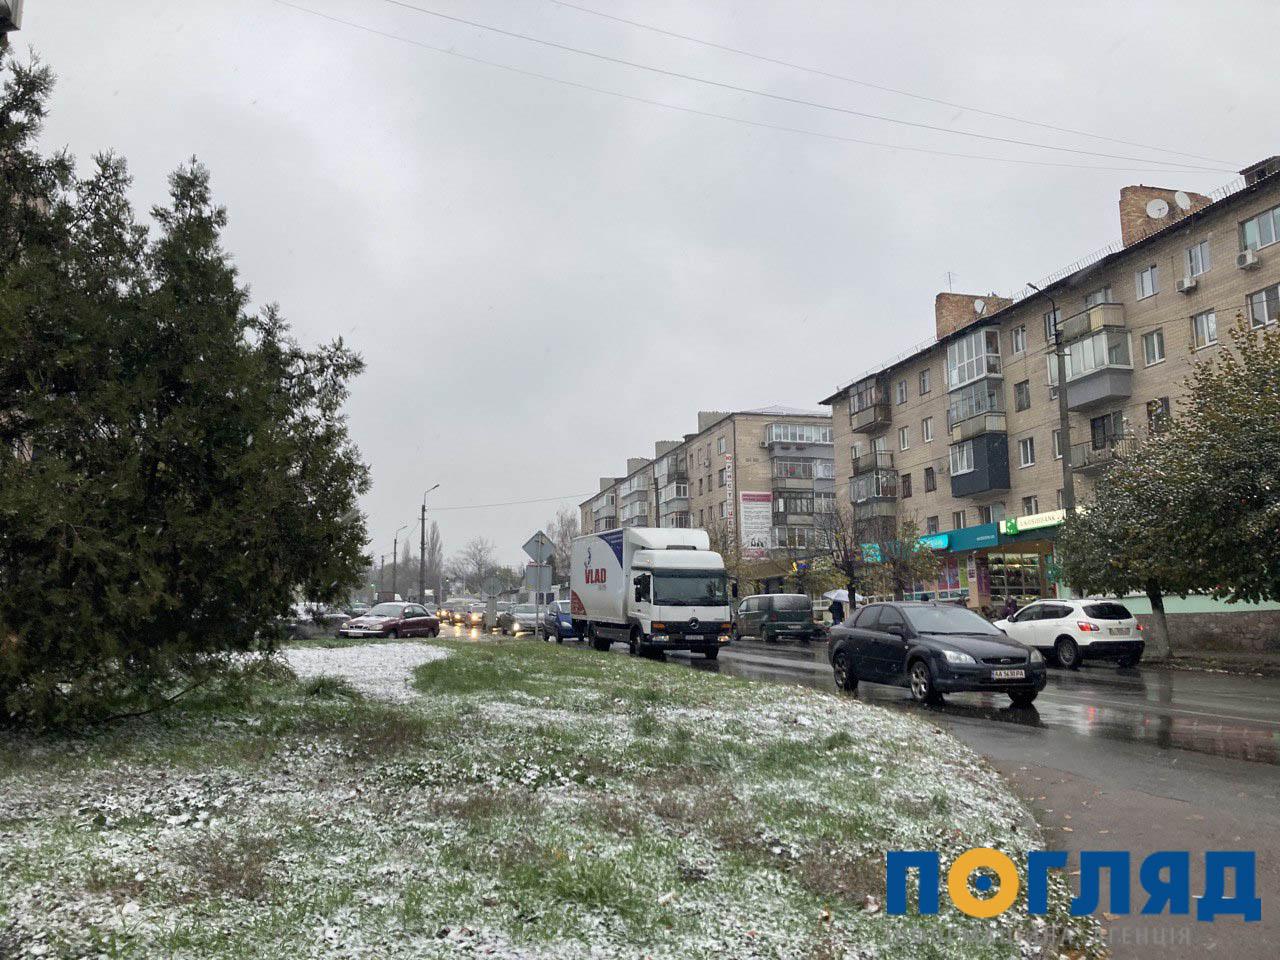 Засніжило: на Київщині випав перший сніг (ФОТО) - сніг, погода, перший сніг - 17 sneg Vasylkov